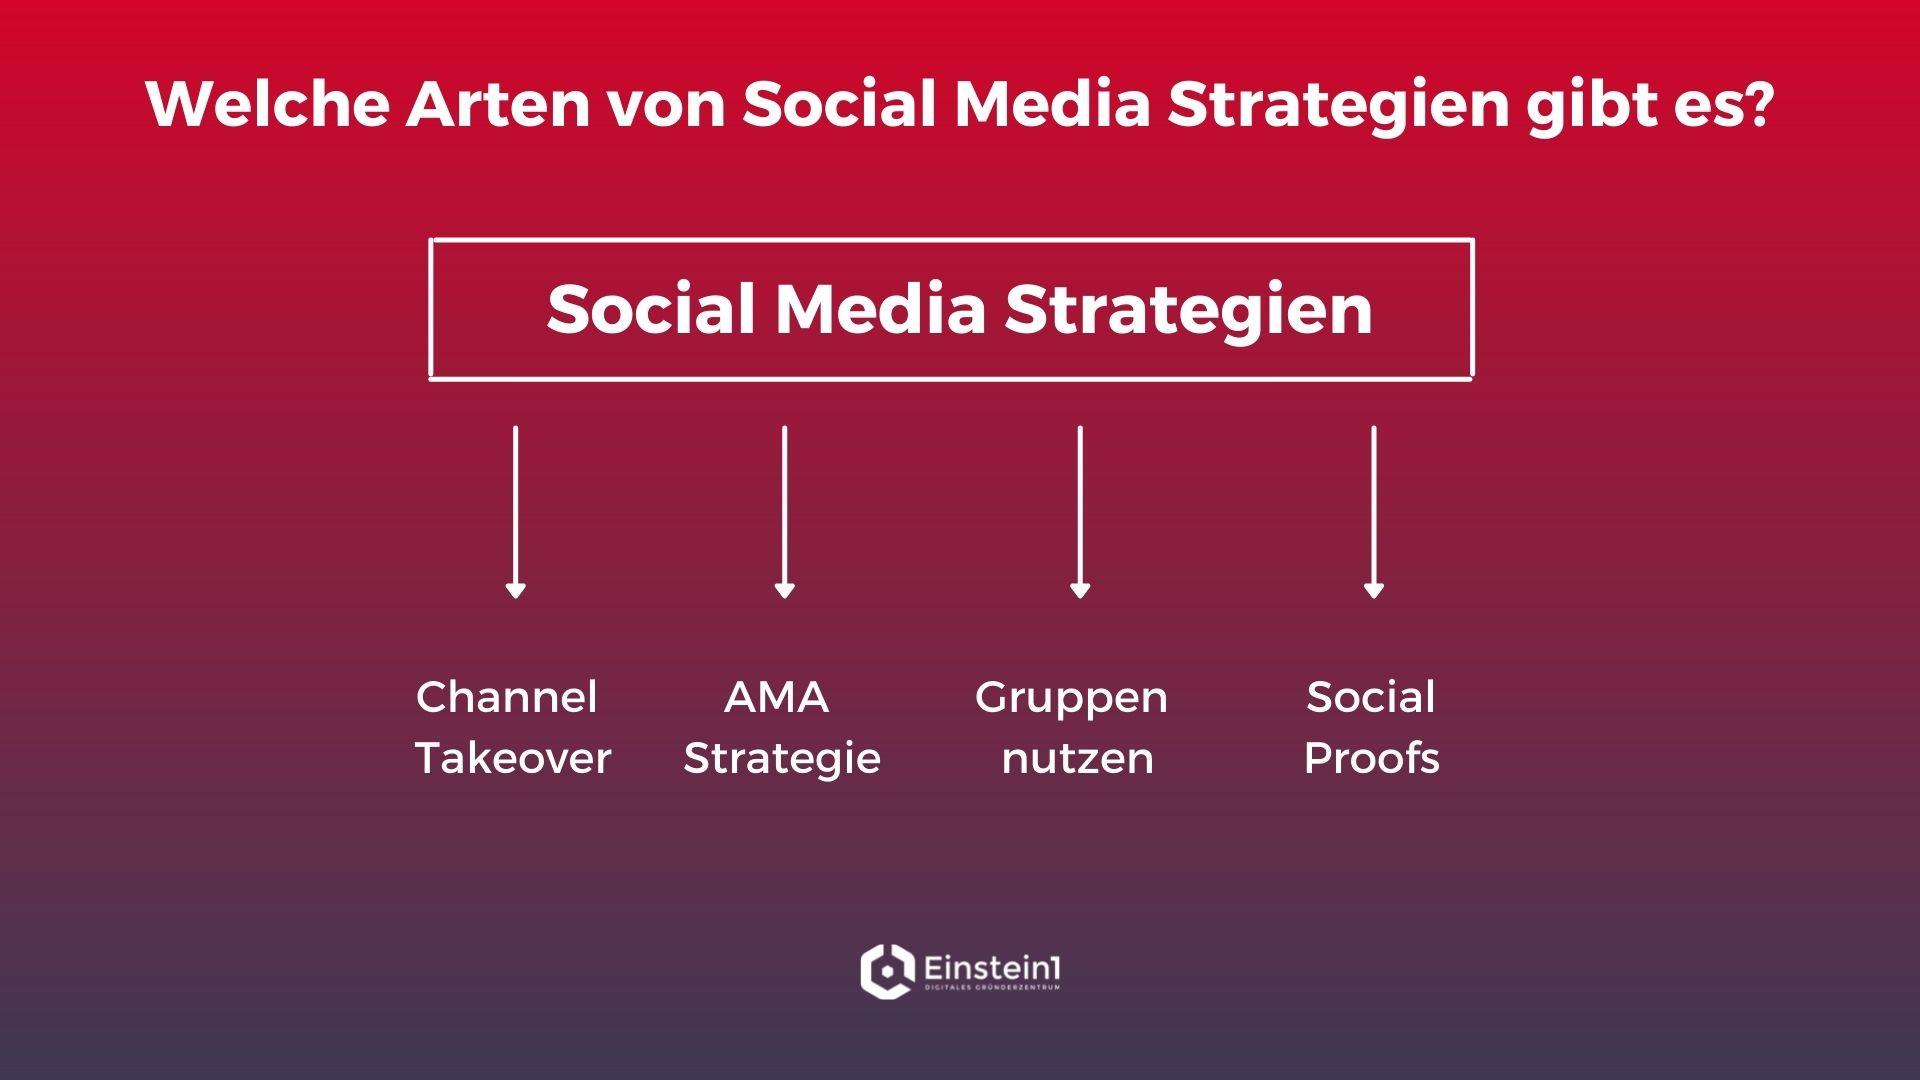 social-media-strategie-für-startups-arten-von-strategien-einstein1